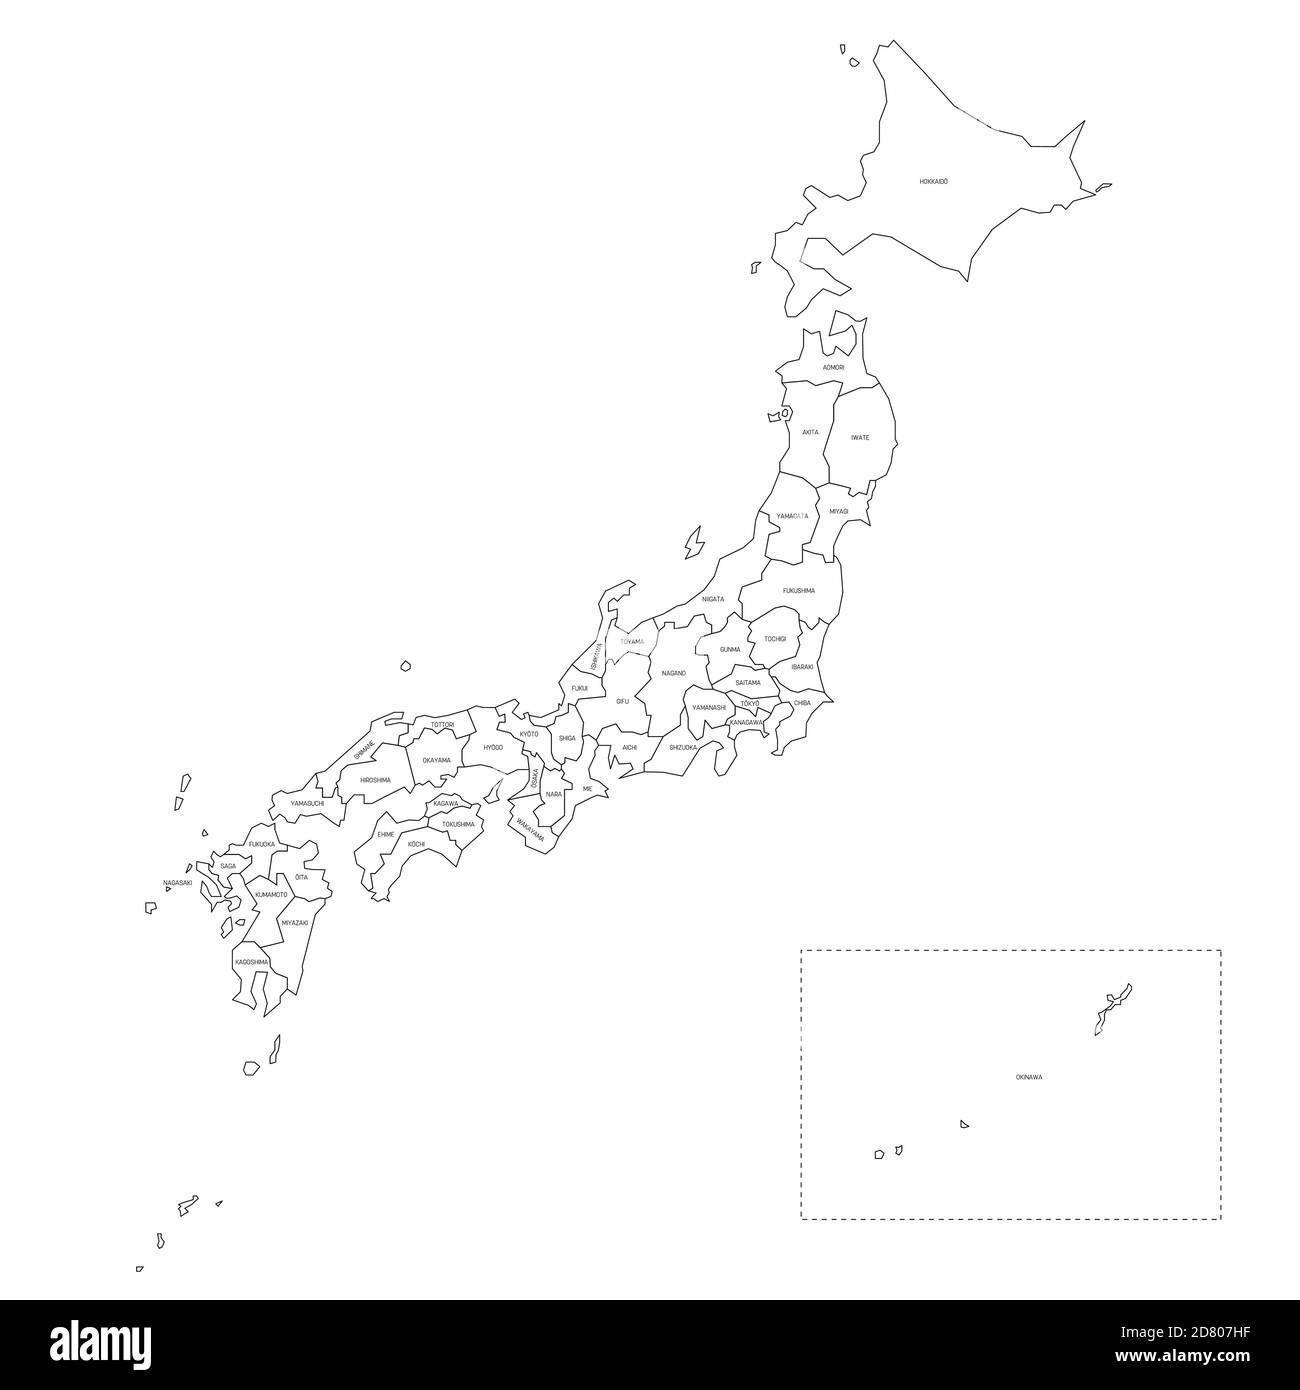 Cartina Del Giappone Politica.Mappa Politica Vuota Del Giappone Divisioni Amministrative Prefetture Semplice Mappa Vettoriale Con Contorno Nero Immagine E Vettoriale Alamy